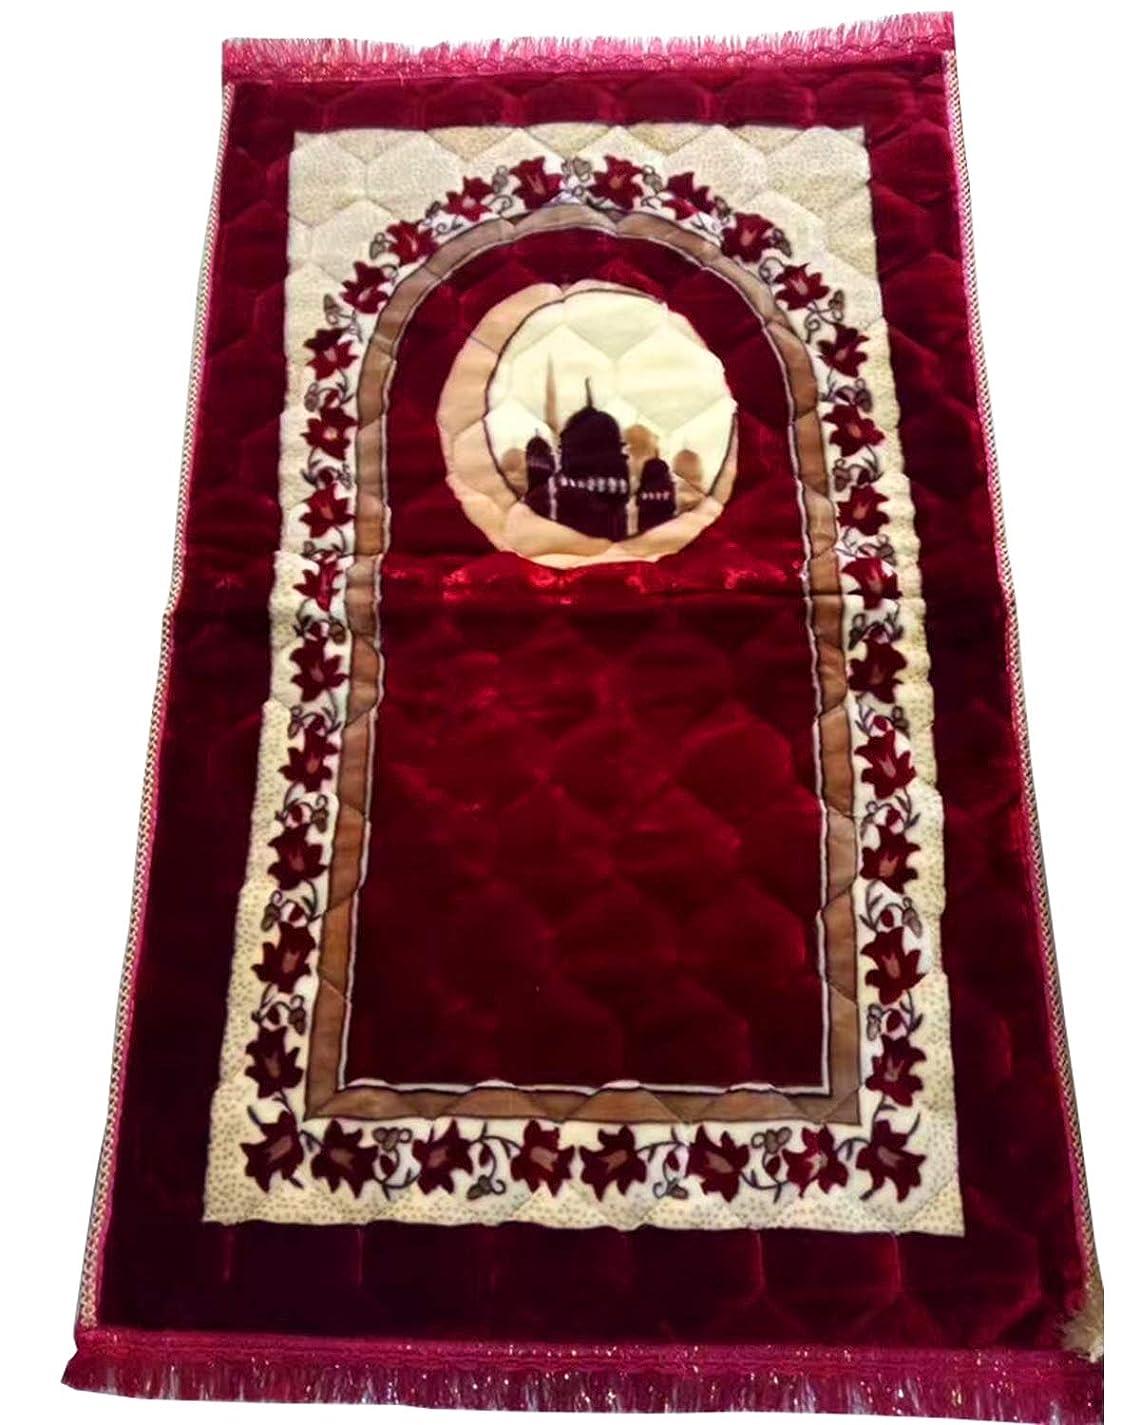 詐欺常習者魅惑する万全区孔家庄镇美衣社女装店 祈りのマット、イスラム教徒のイスラム教祈りラグラマダンイードのギフト大人のサイズ (色 : レッド, サイズ : 120CM*80CM)